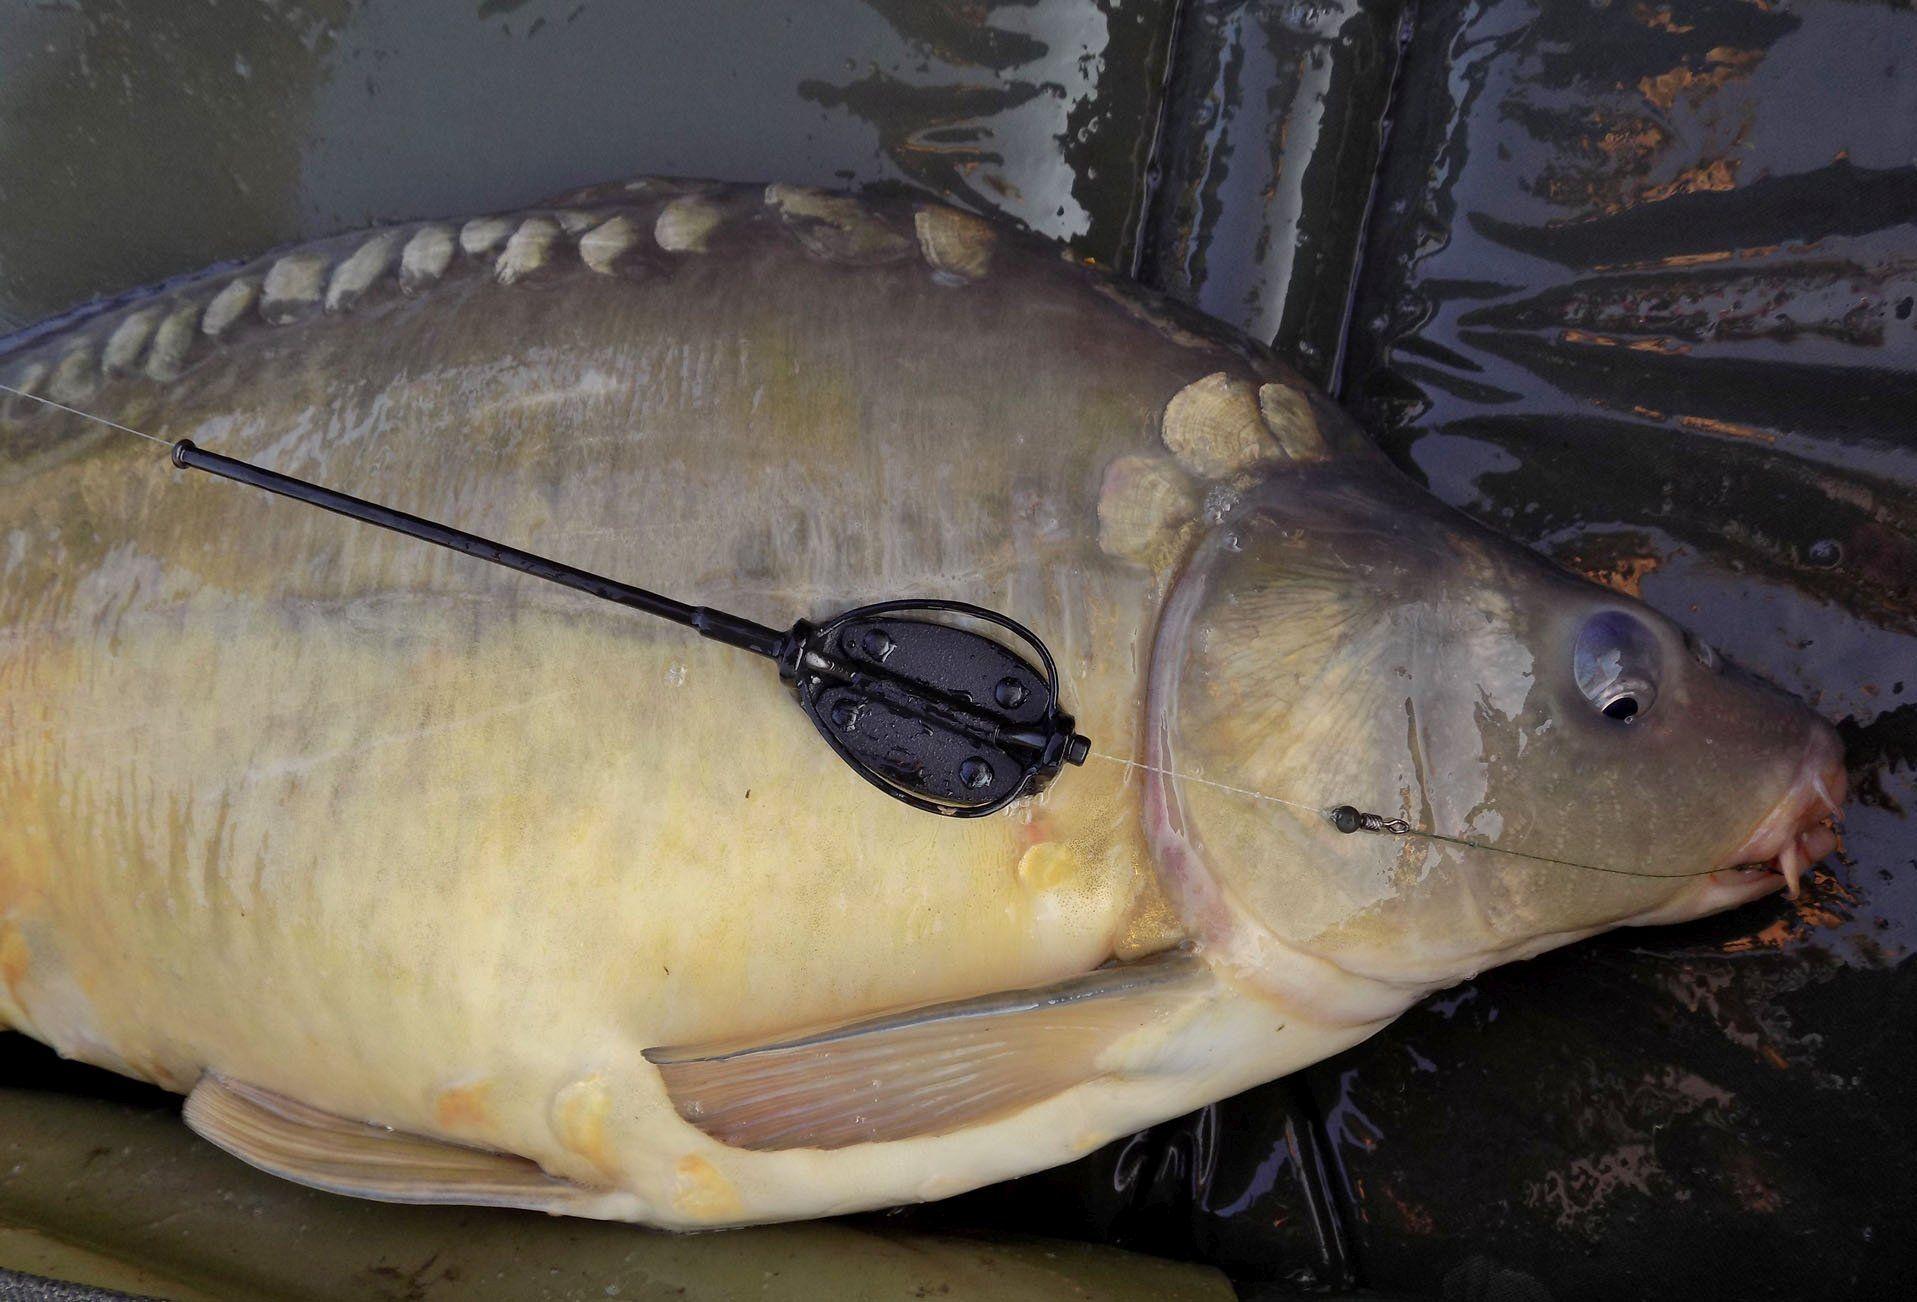 Olykor elég egy csöppnyi kosár is a sikerhez! Nyugodt szívvel ajánlom minden feederhorgásznak a light technikát, ahol valóban minden hal megfogása egy élménnyel ér fel…